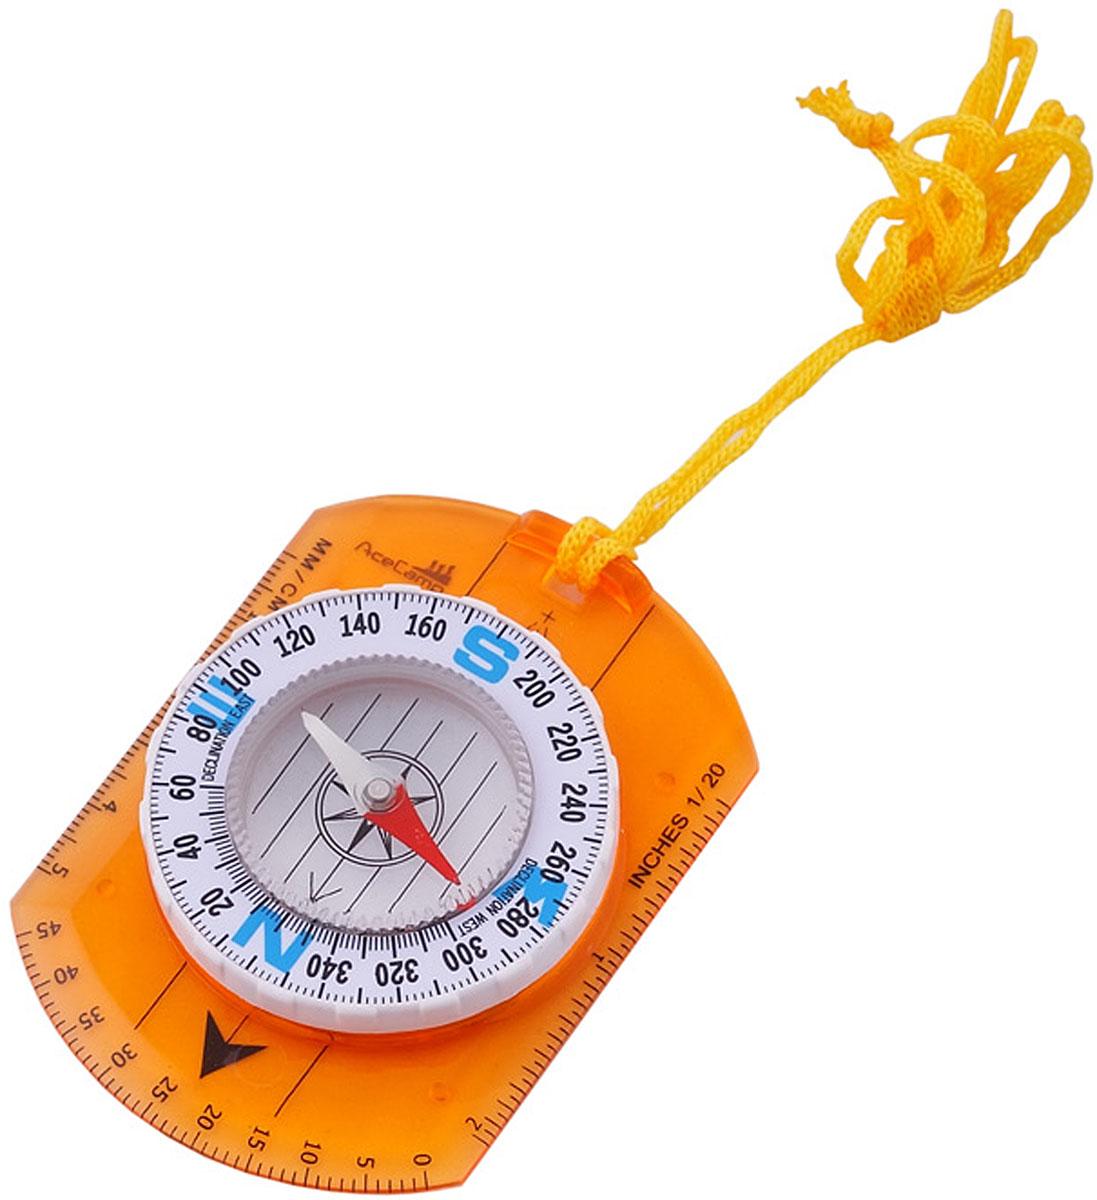 Компас AceCamp картографический, цвет: оранжевый. 31103110Компас классический картографический Classic Map Compass от AceCamp. Функции компаса: Линейка (измерение в сантиметрах и дюймах. Точка отметки азимута. Направляющая линия. Магнитная стрелка со светонакопительным элементом. Круговая шкала. Так же в комплекте удобная веревочка для ношения на шее. Размеры: 90 х 65 мм. Вес: 32 г.